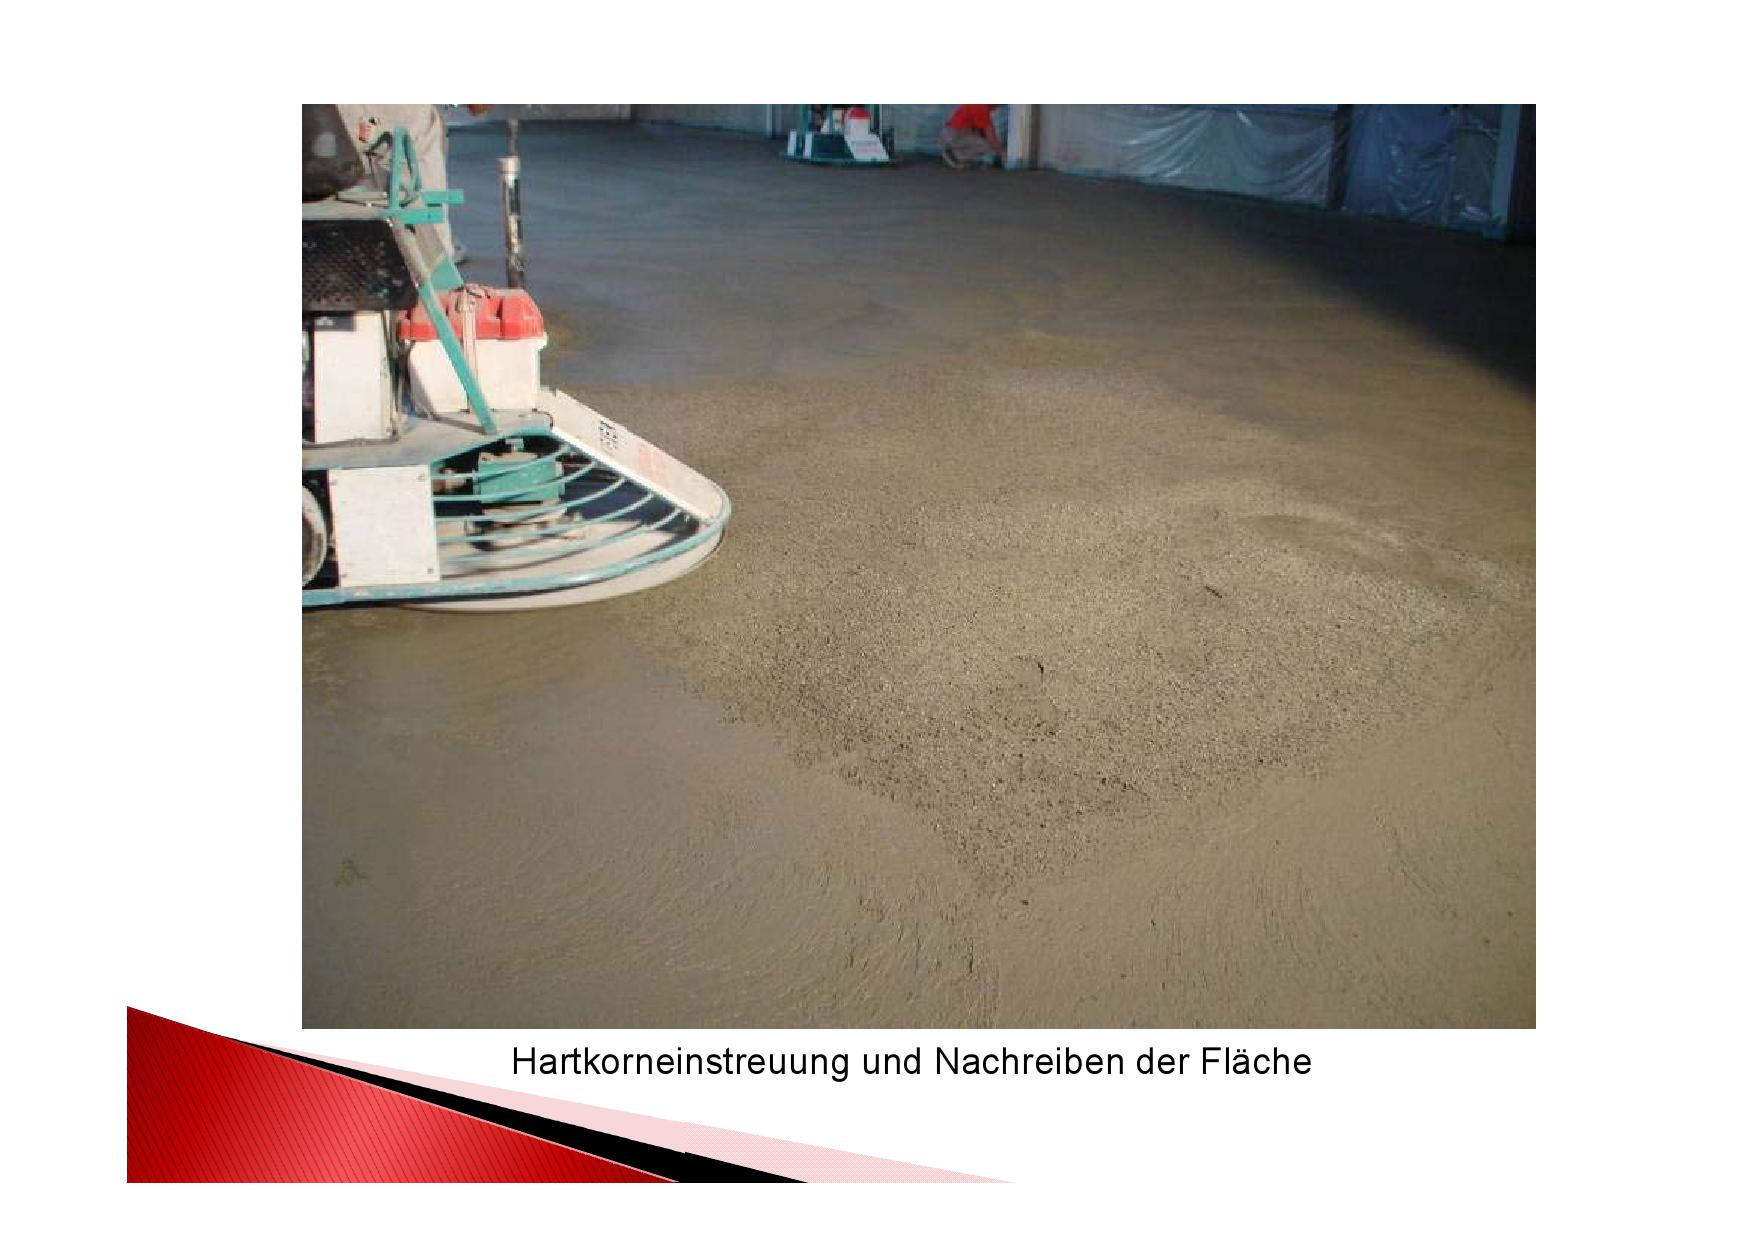 Arbeitsgang: Nachreiben eines Industrieboden mit Hartkorneinstreuung